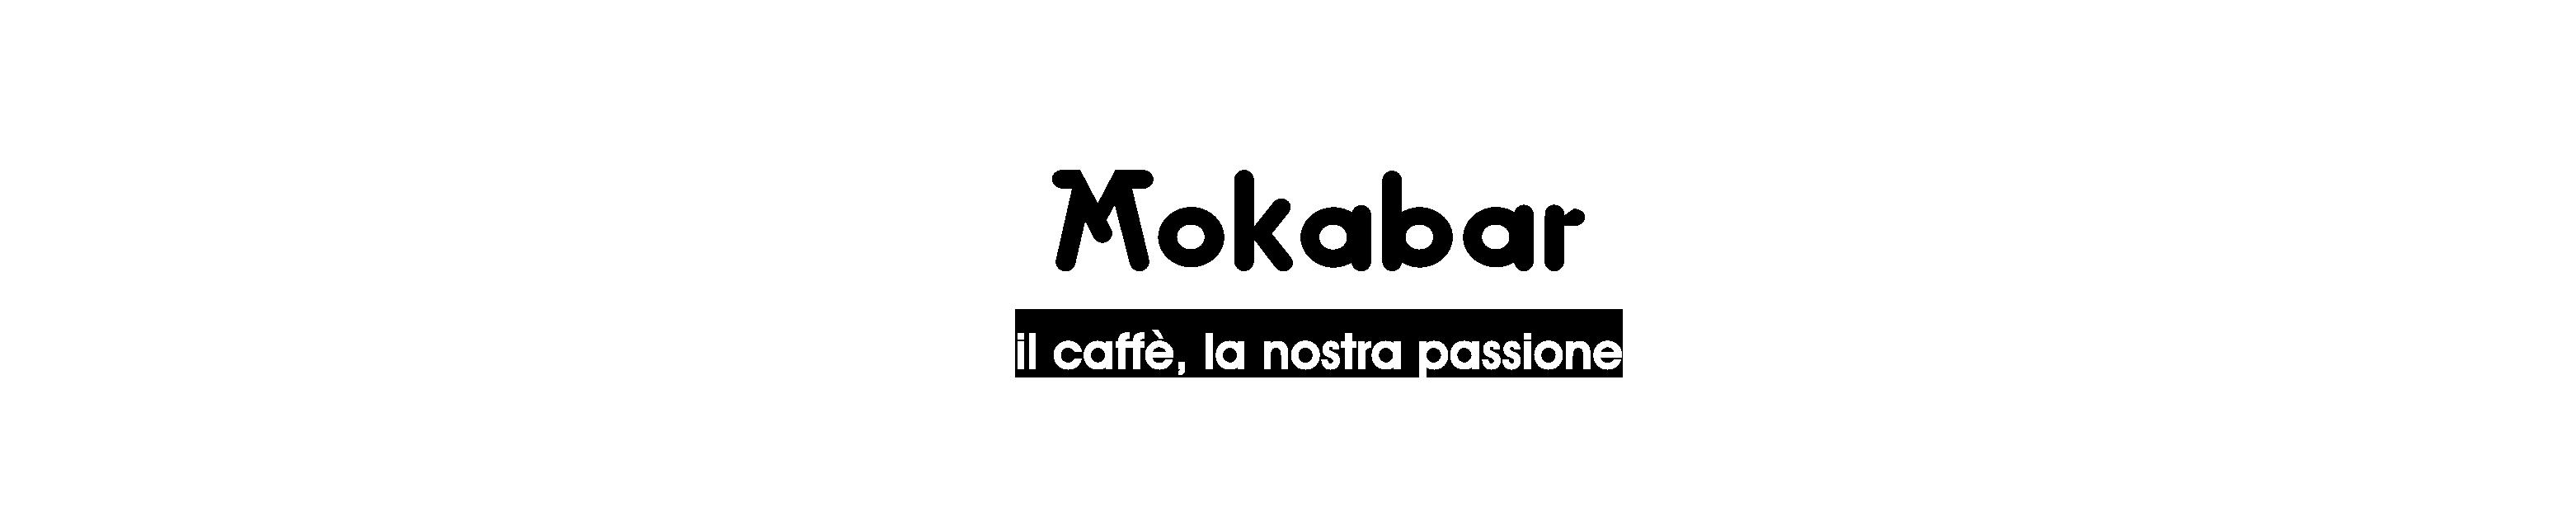 22.MOKABAR